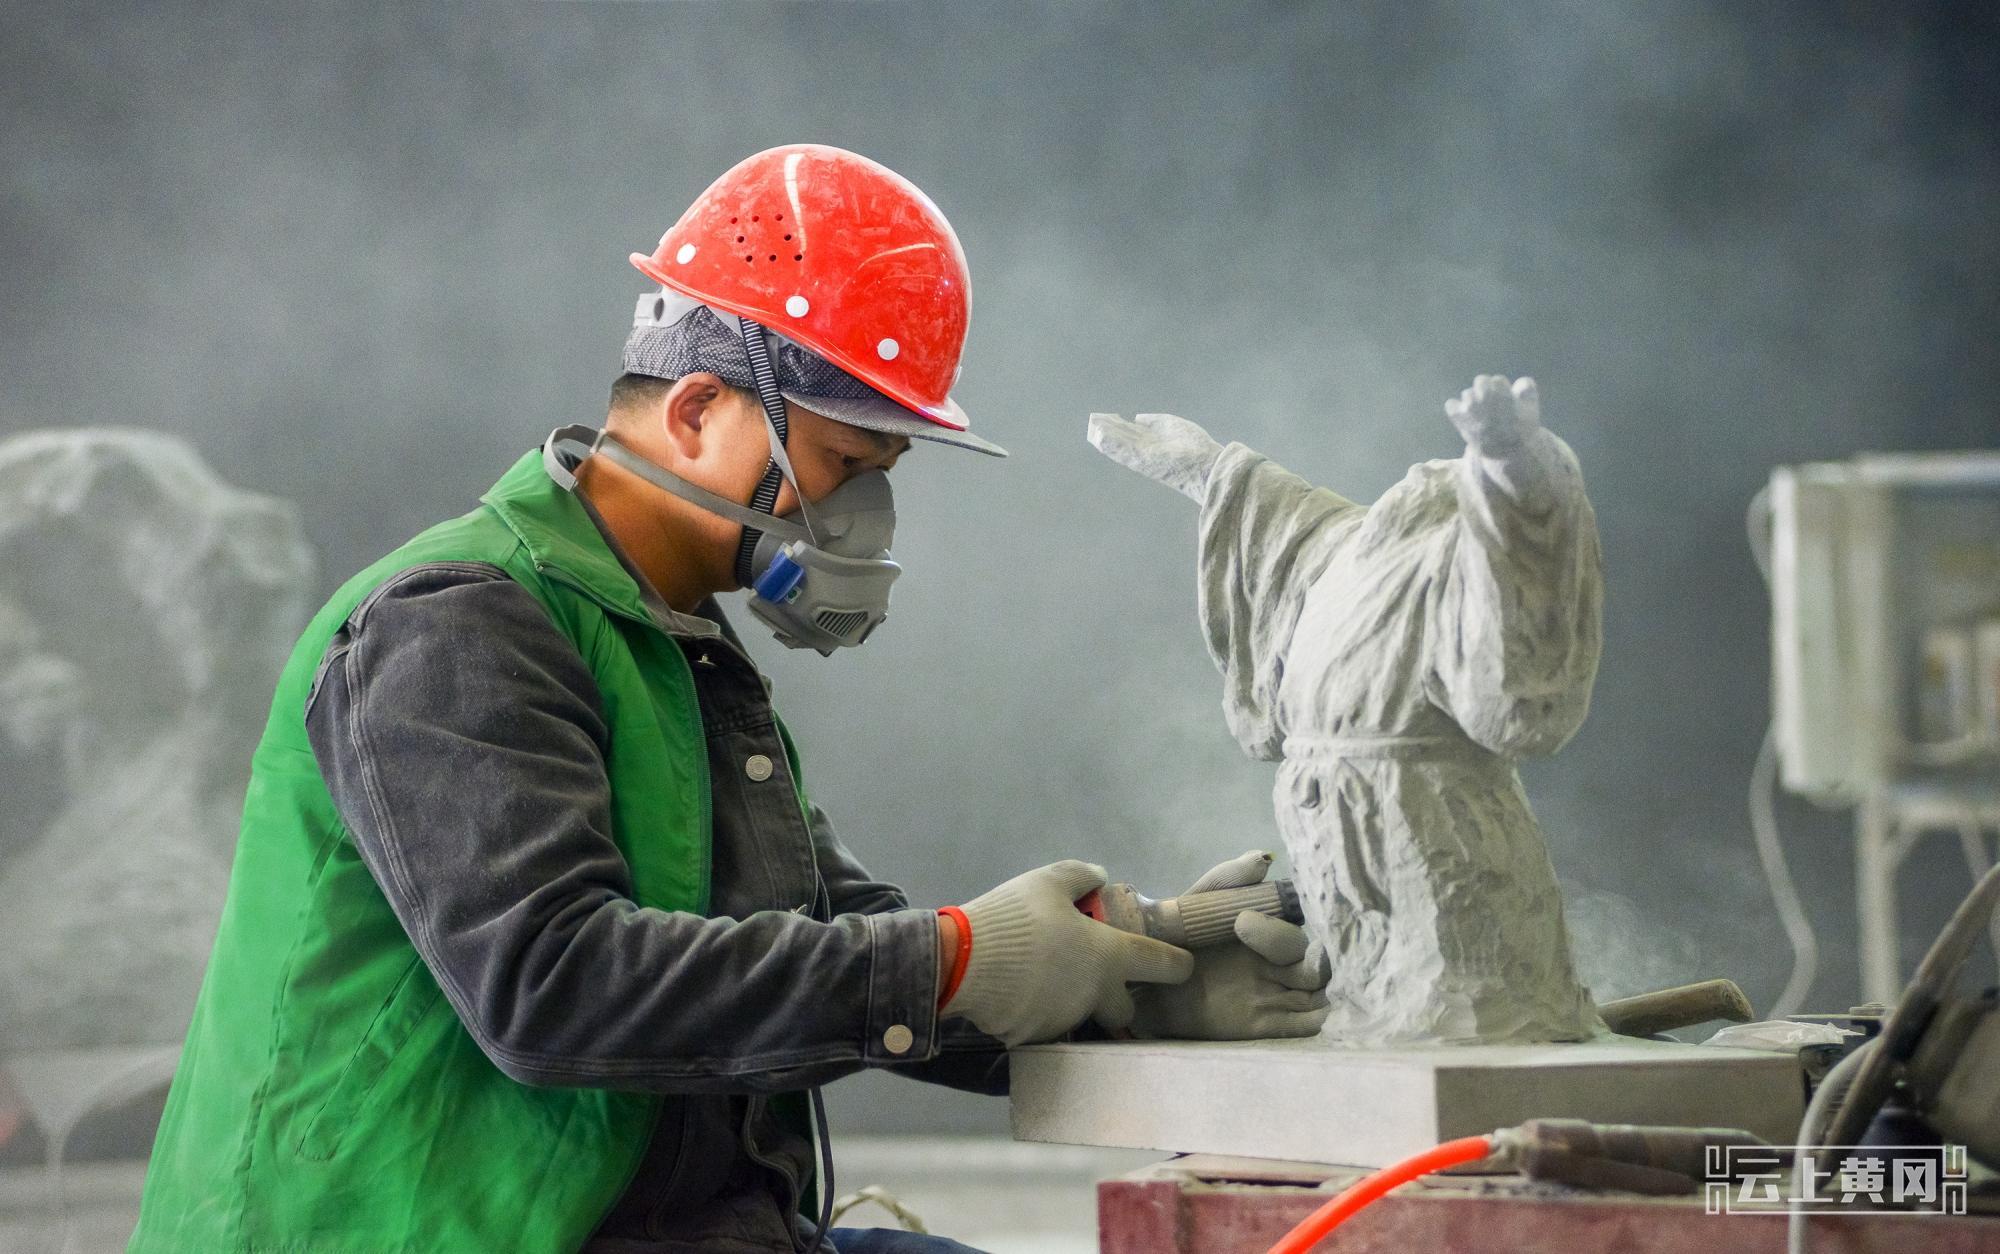 省建筑石雕职业技能竞赛在麻城开锣